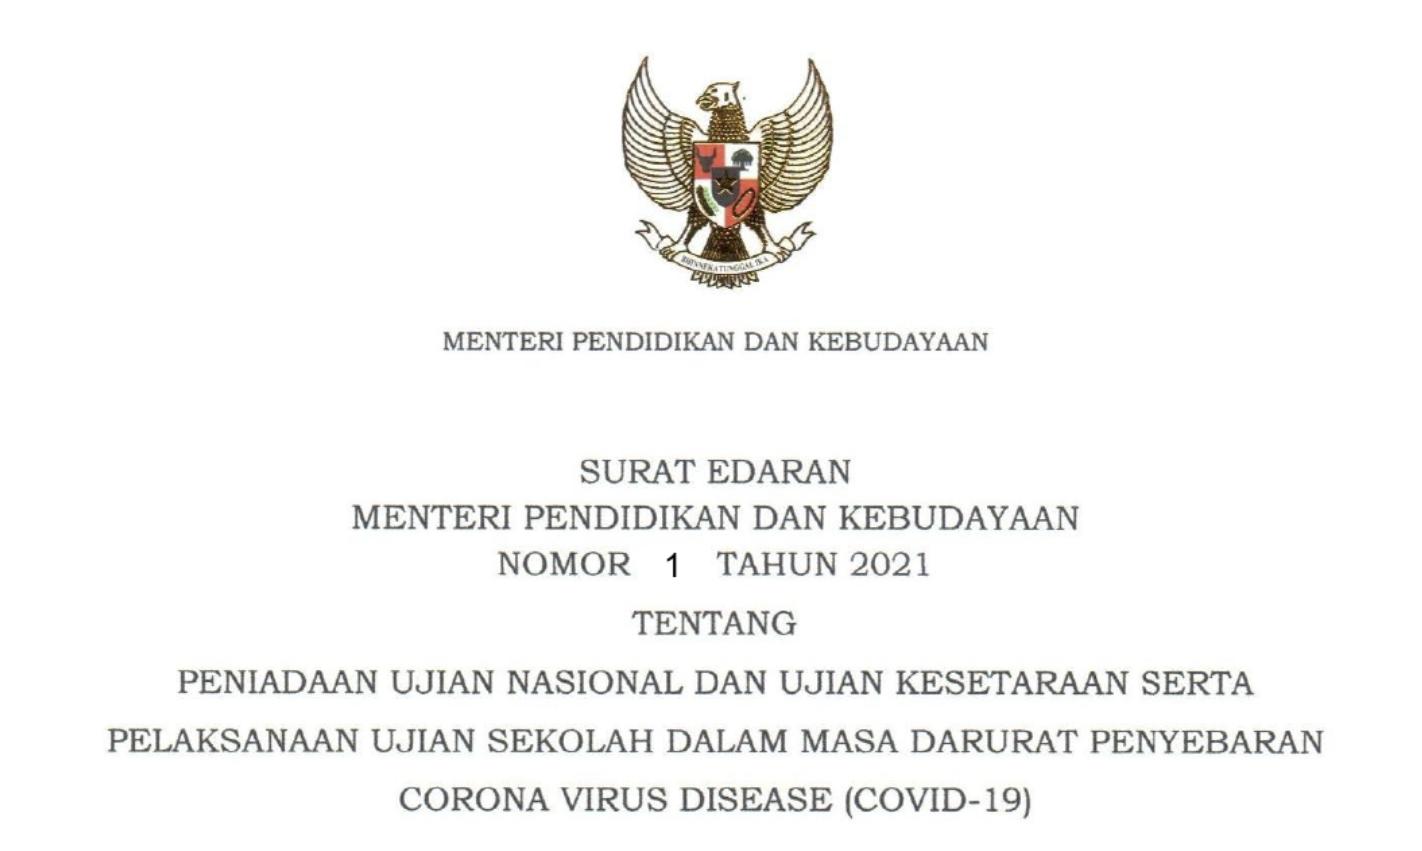 Peniadaan Ujian Nasional dan Ujian Kesetaraan Serta Pelaksanaan Ujian Sekolah Dalam Masa Darurat Penyebaran COVID-19